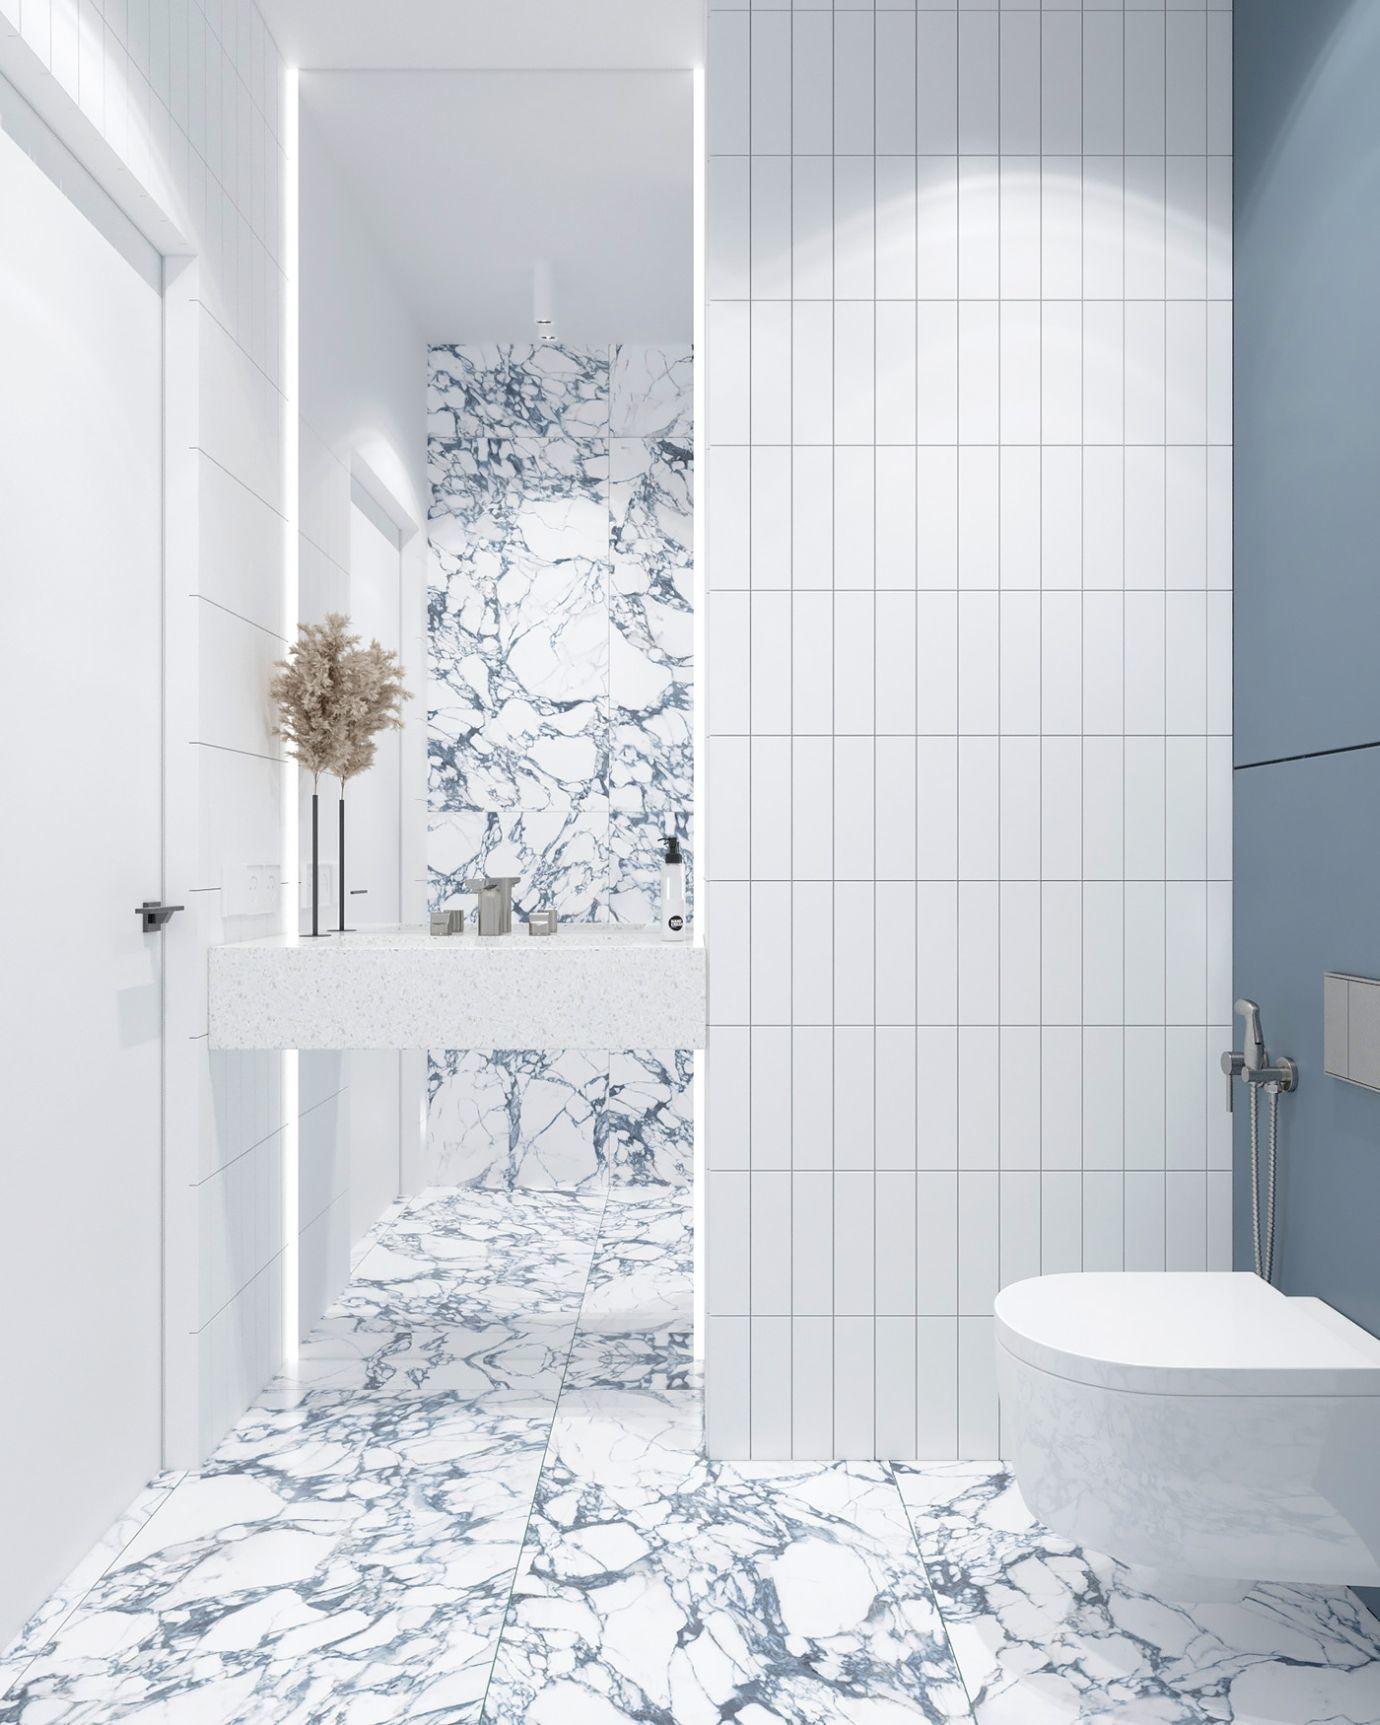 Fehér és kék márvány burkolat kombináció nagy tükörrel